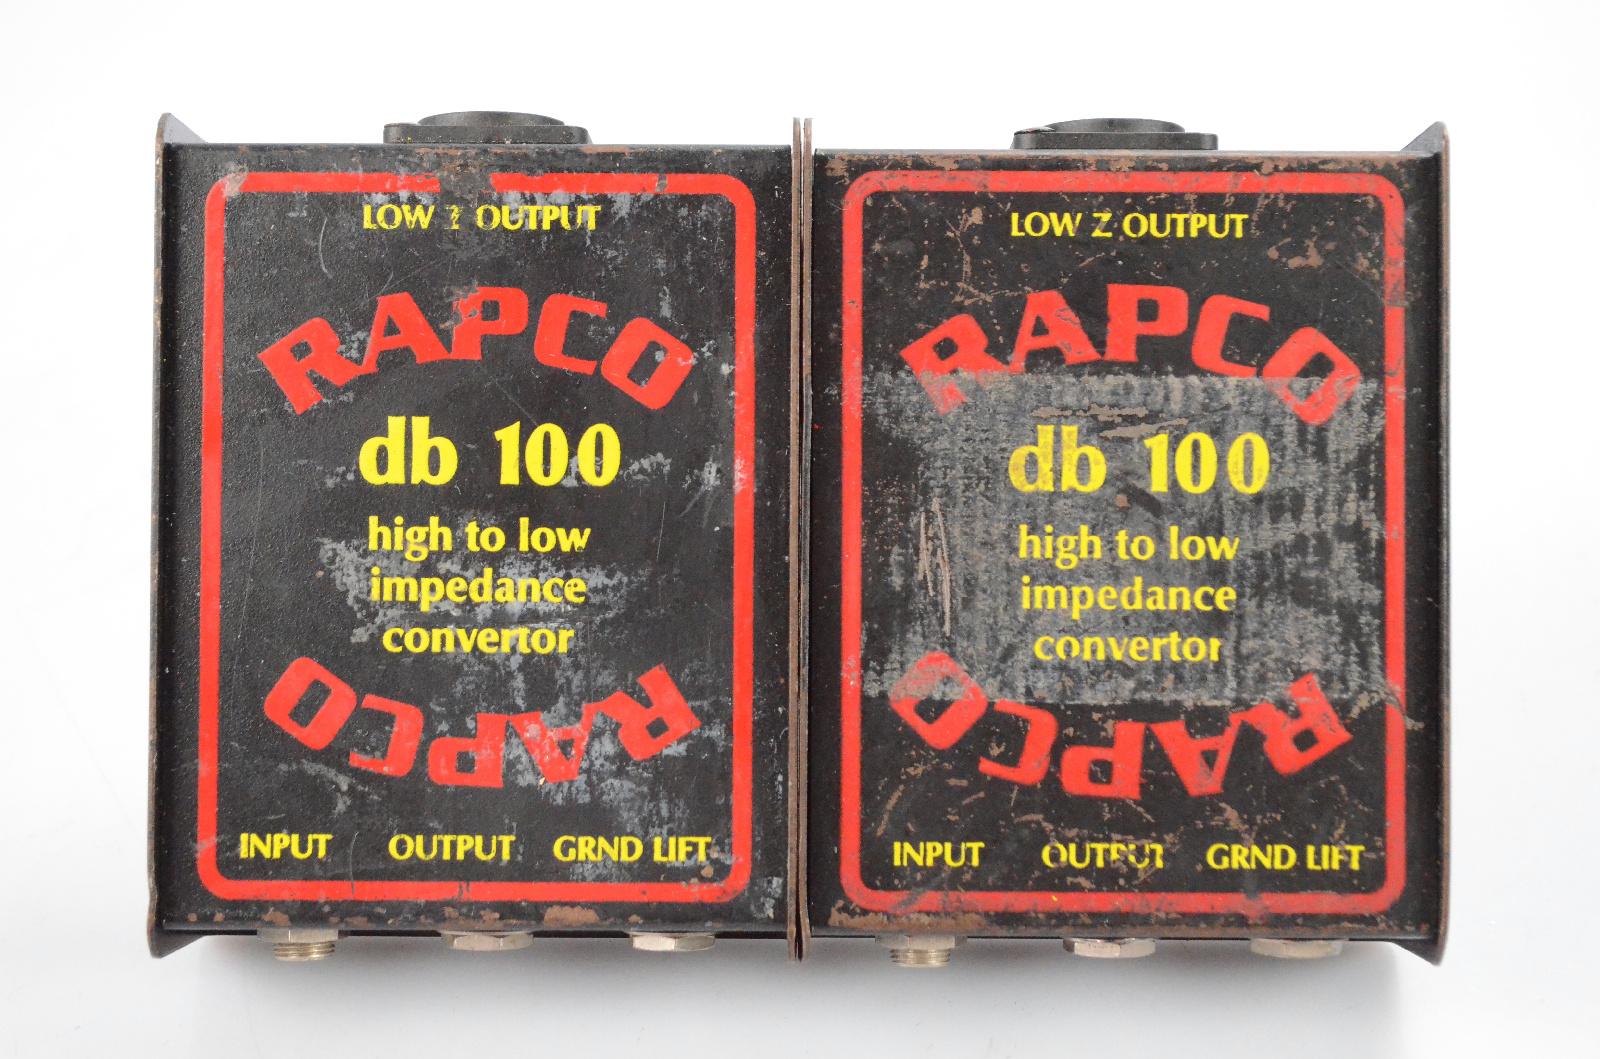 2 Rapco db 100 Hi-Z to Lo-Z Impedance Converter Passive Direct DI Boxes #32217